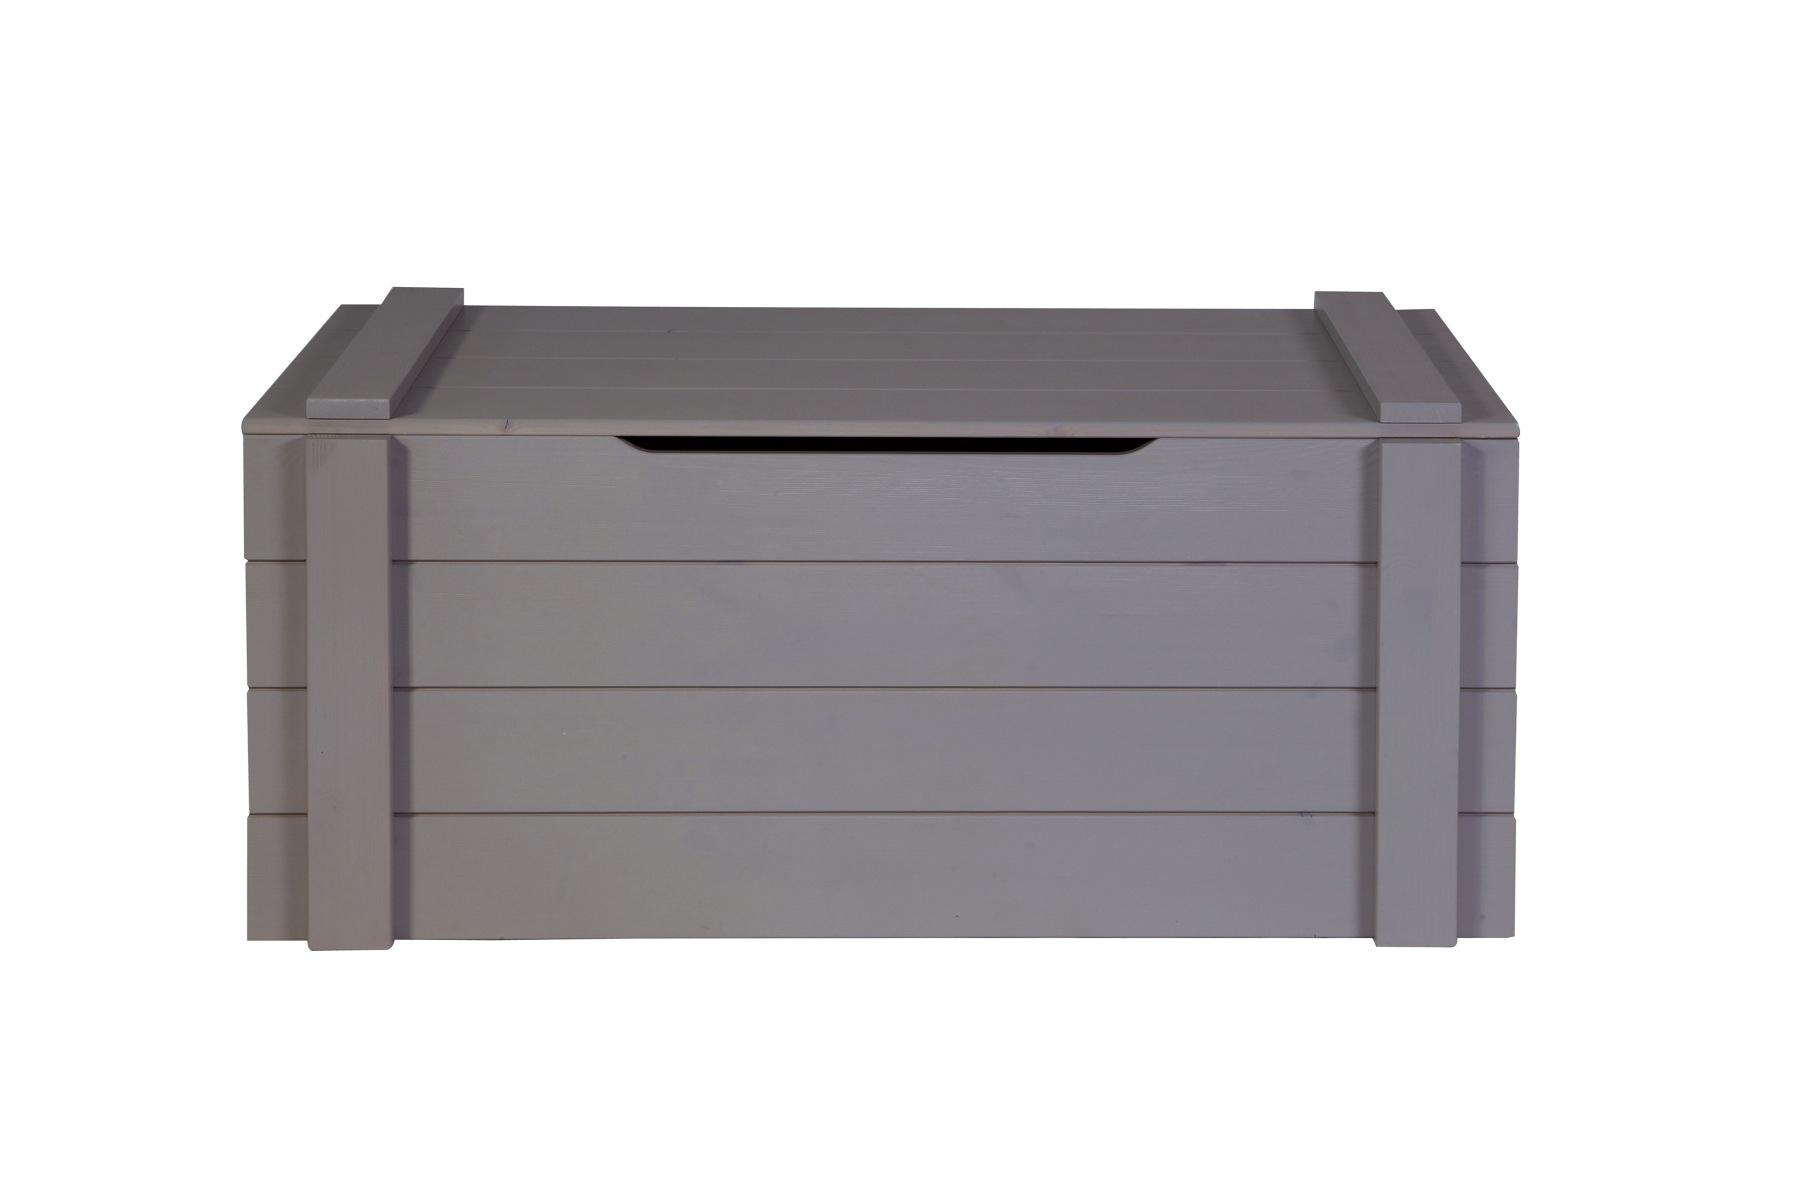 Ящик-бокс Dennis StorageЯщики<br><br><br>Material: Сосна<br>Length см: 96<br>Width см: 44<br>Height см: 44